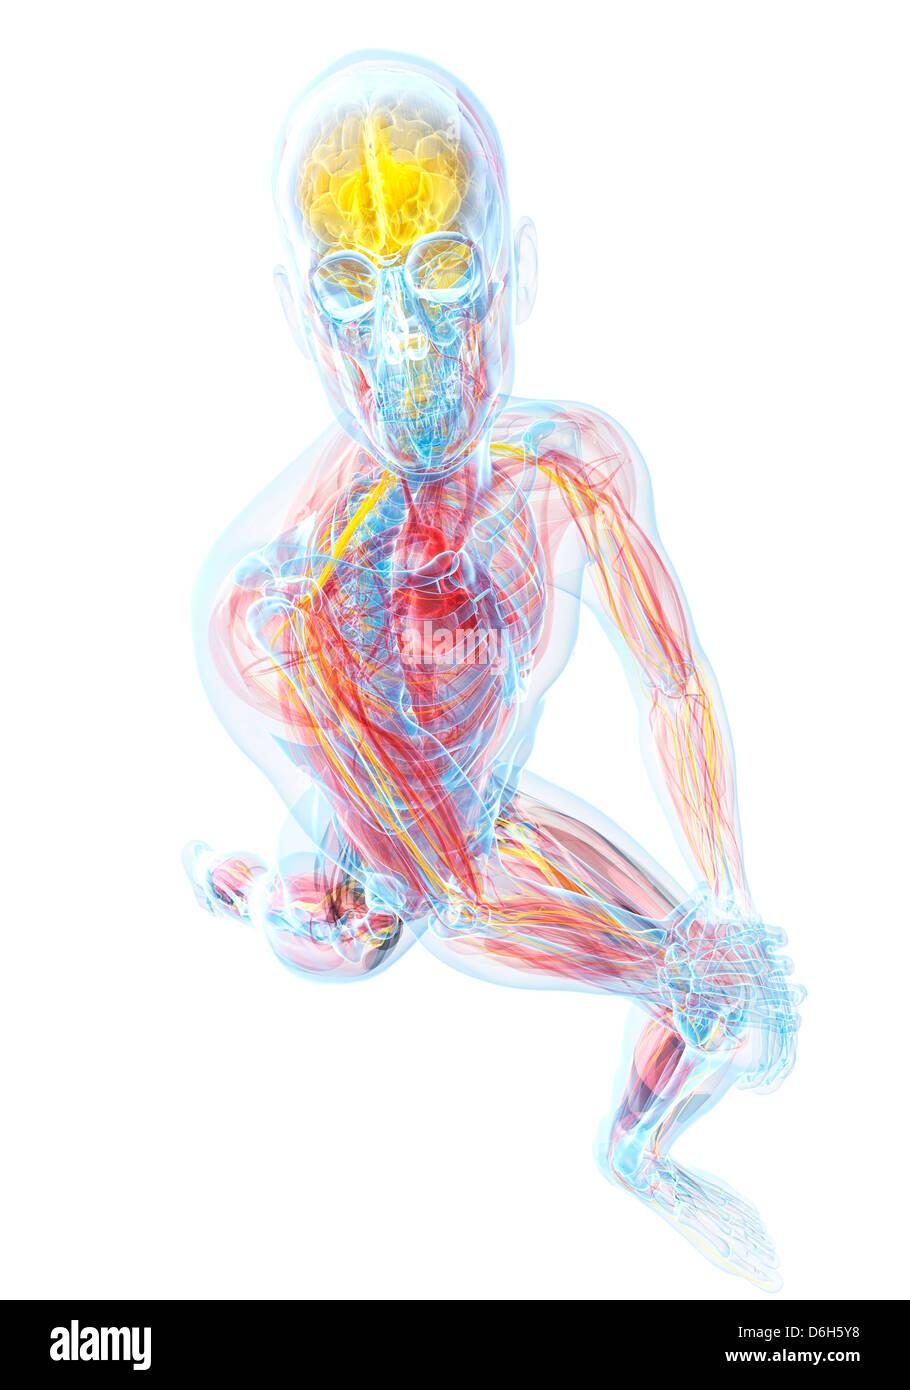 Niedlich Männliche Anatomie Zeichnung Praxis Galerie - Anatomie ...